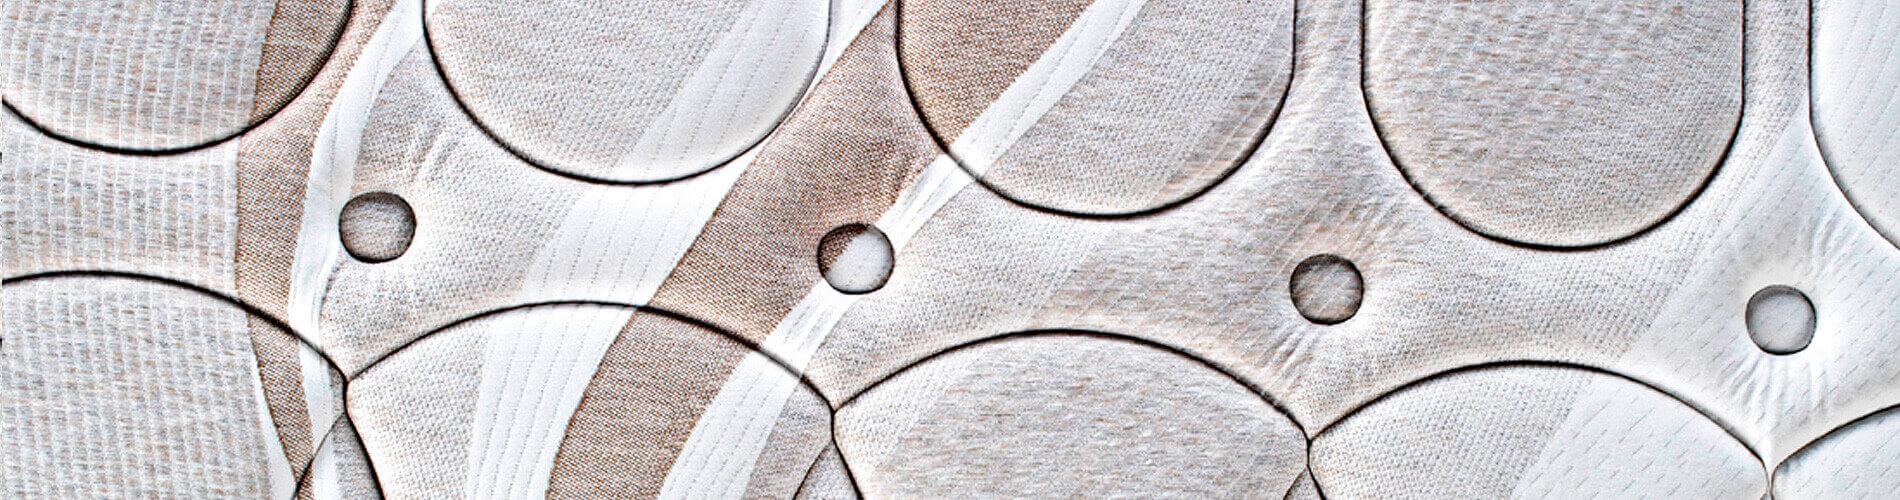 El colchón Enap con la nueva tecnología SmartPik de Pikolin, está compuesto por un núcleo de espuma Confortcel